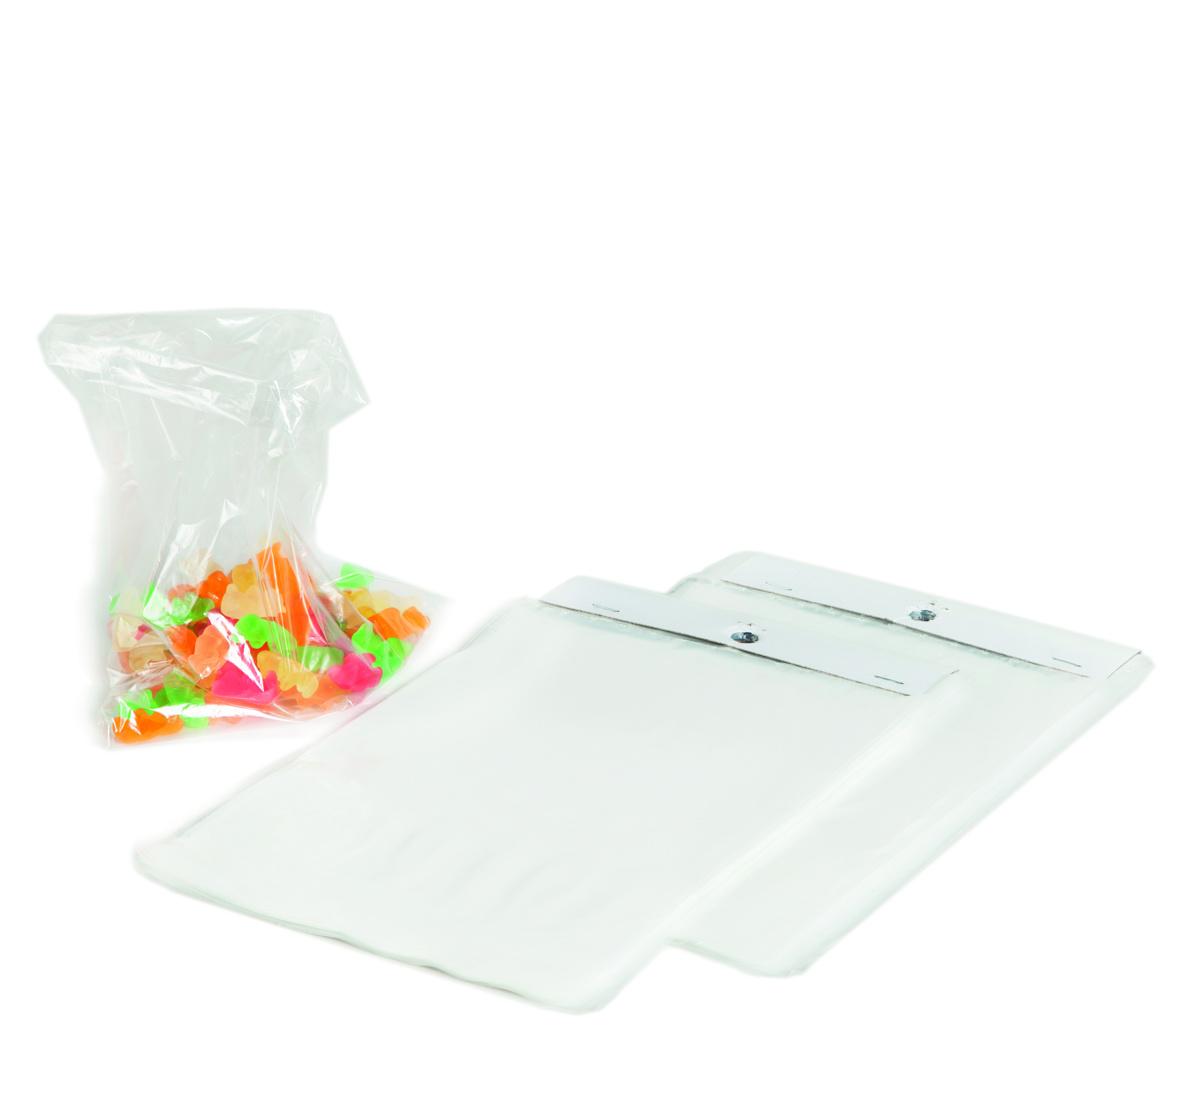 Sac multi-usages transparent 35x30 cm (200 pièces)